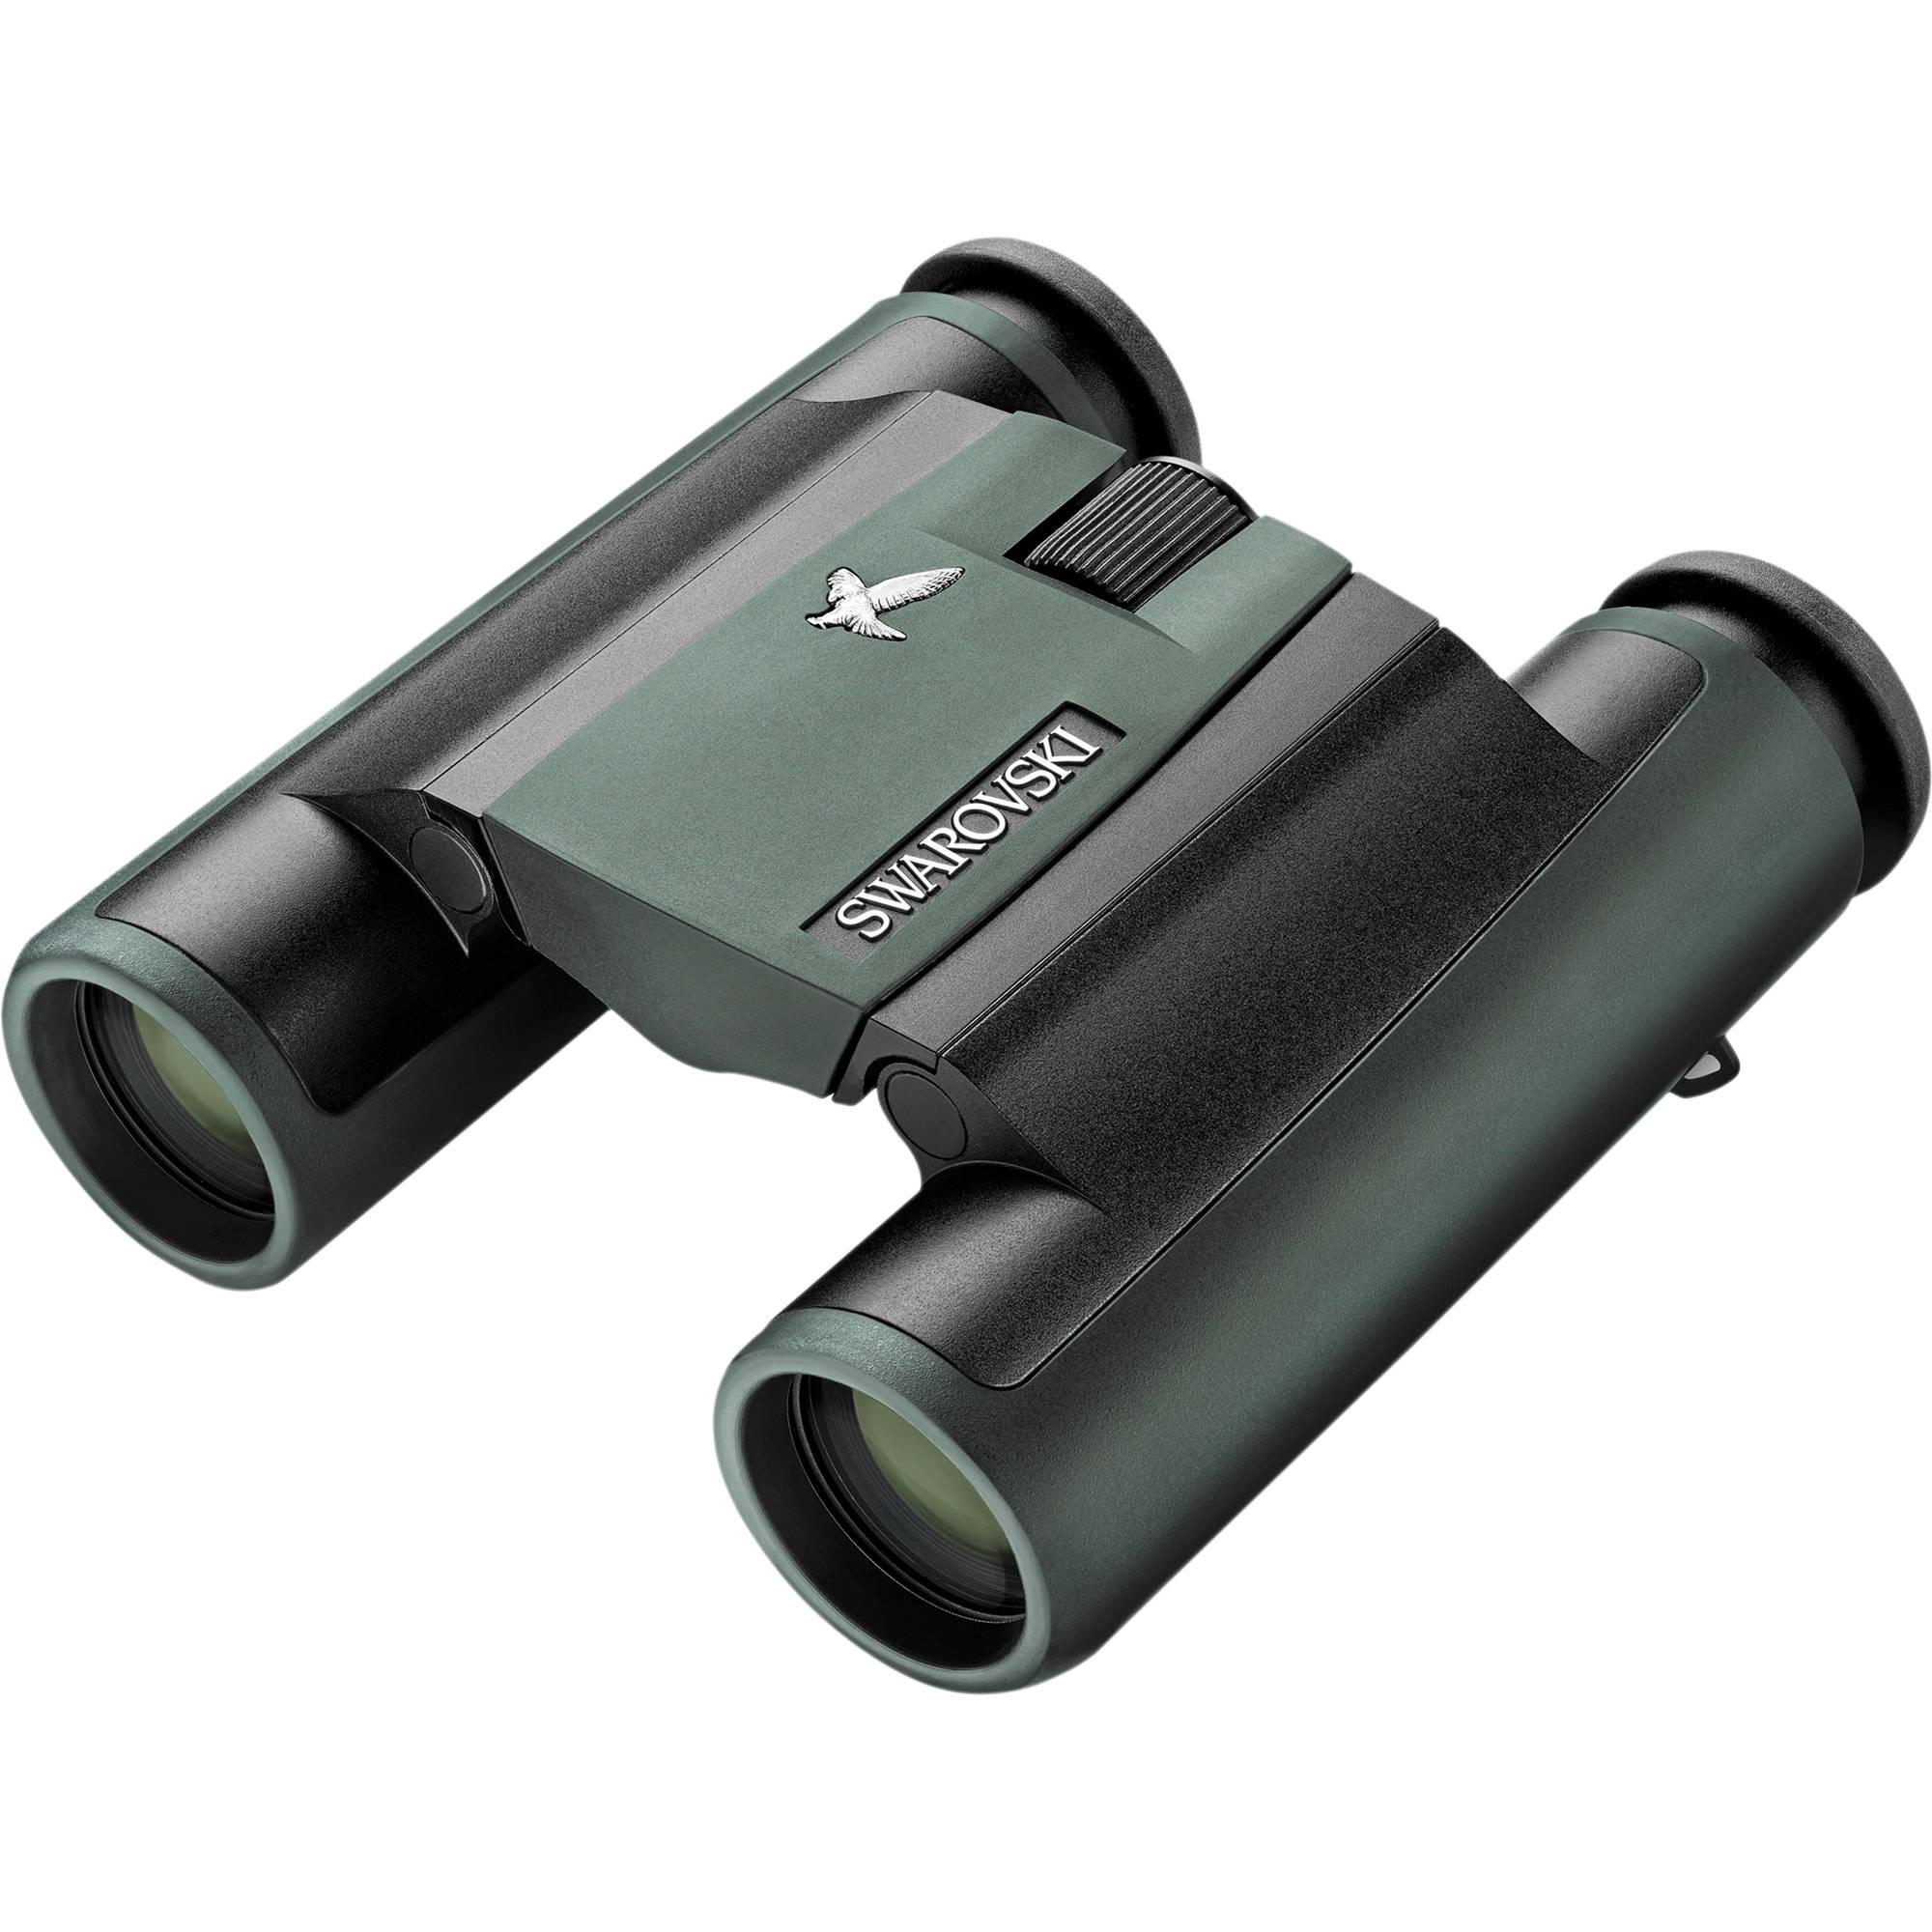 where are swarovski binoculars made